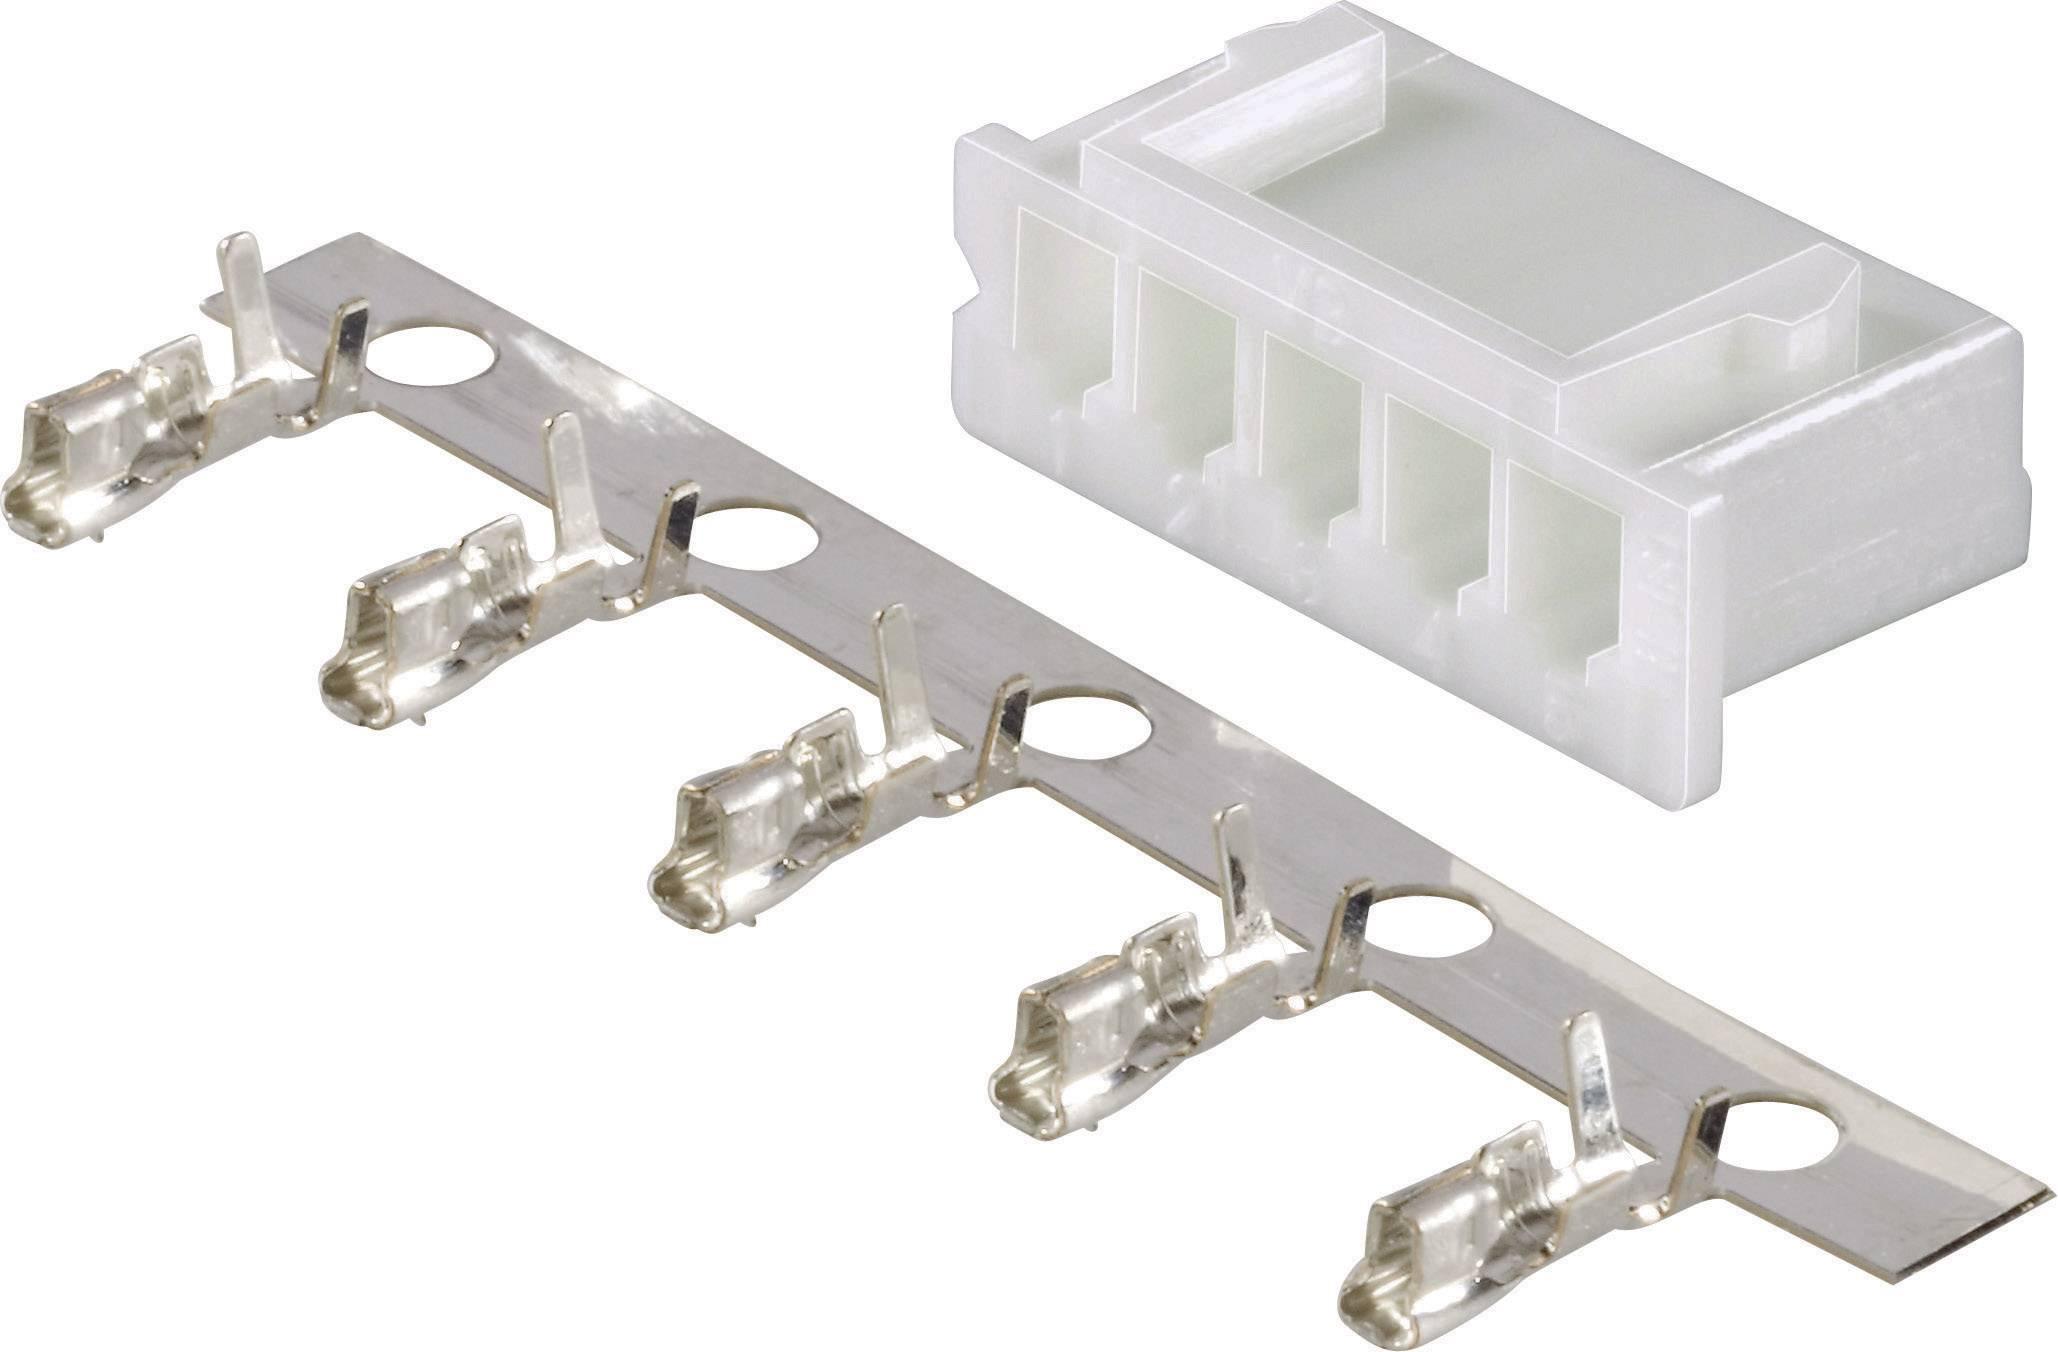 Konektor Li-Pol Modelcraft, zásuvka XH, 5 články